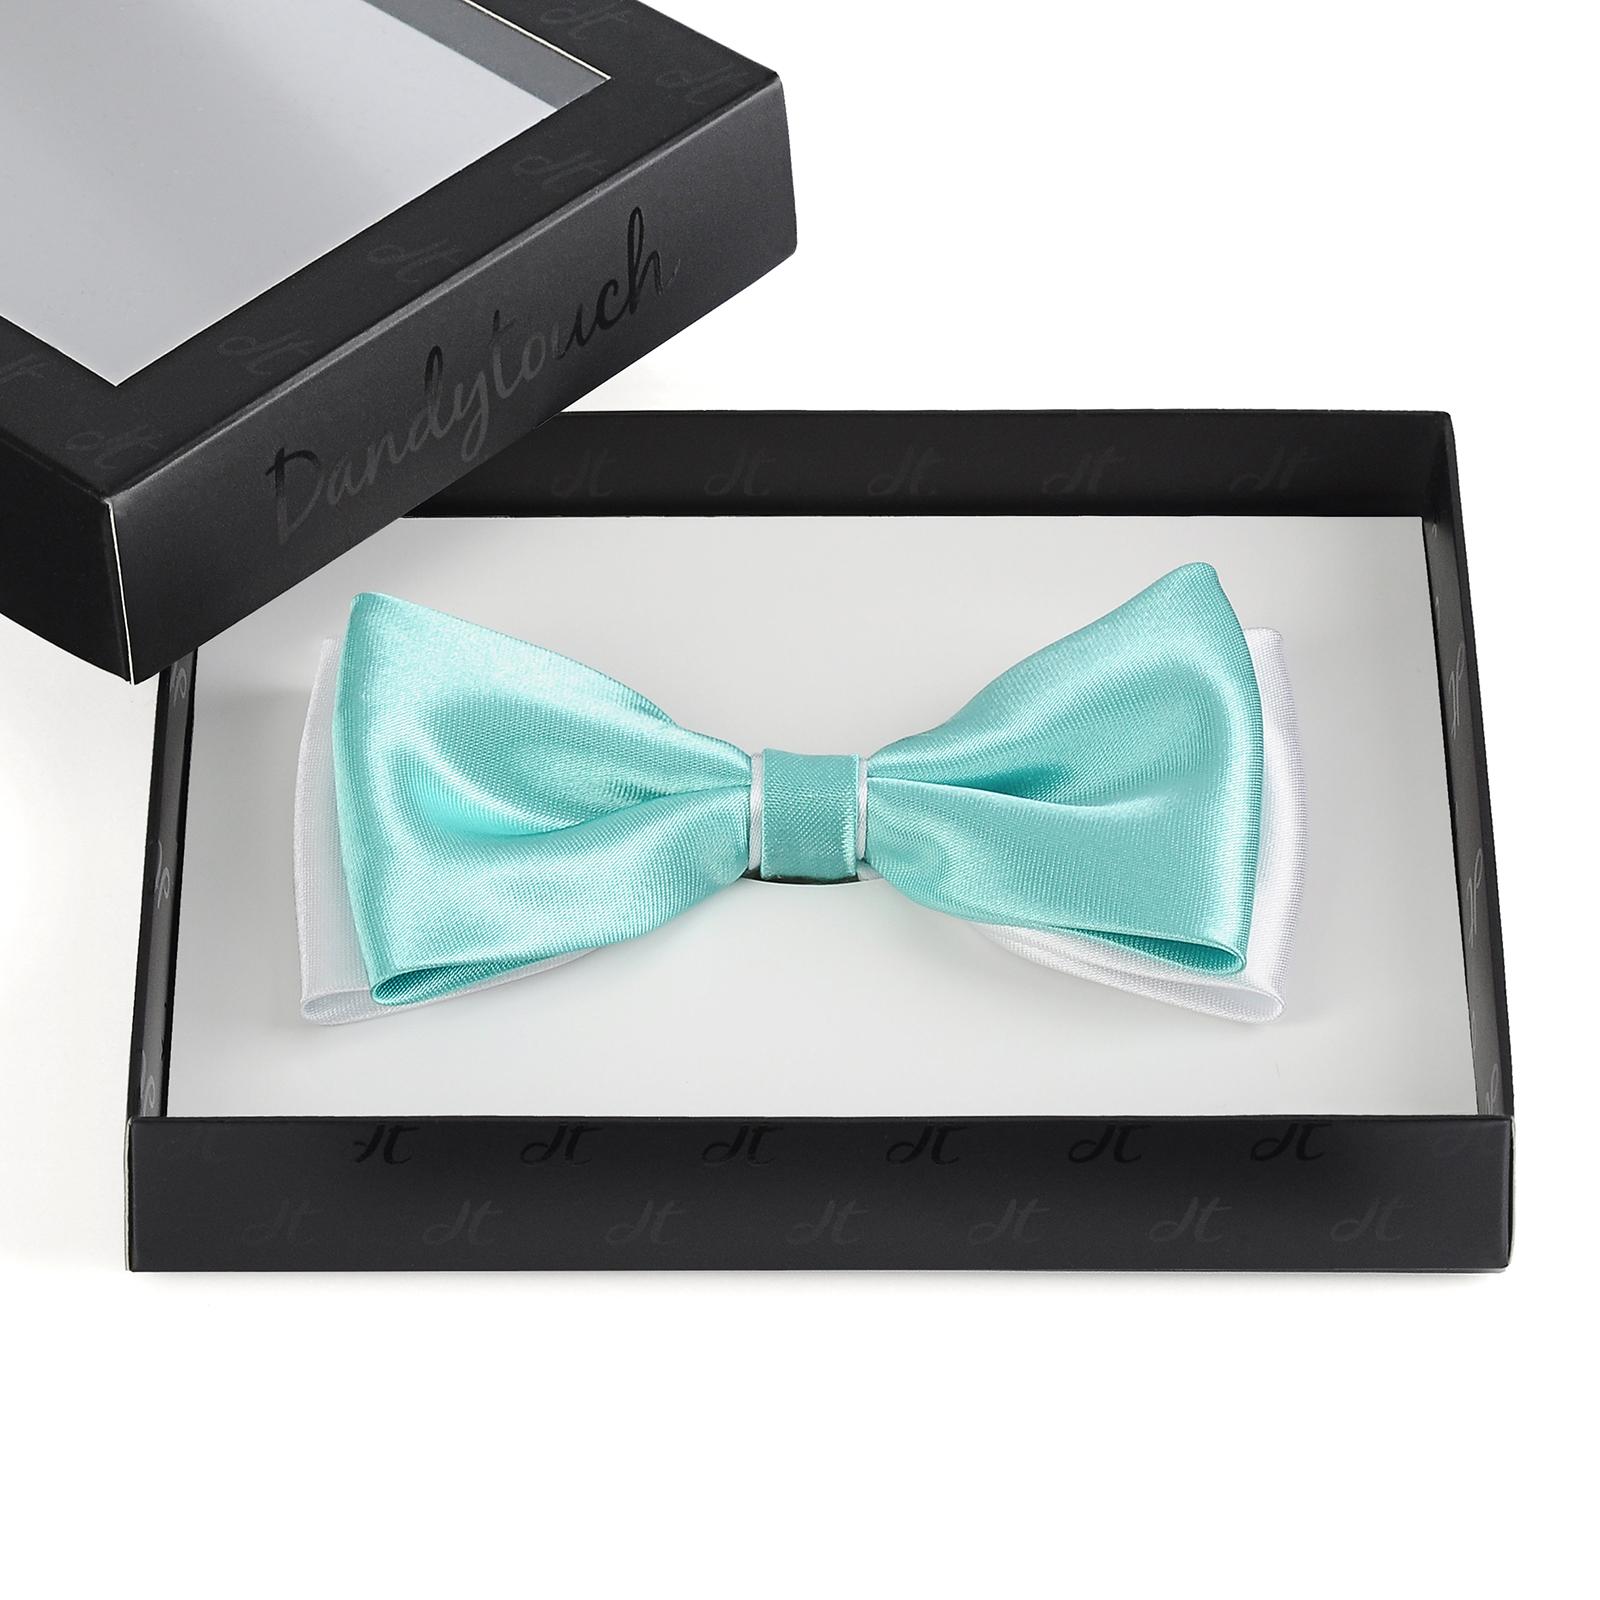 e326484a83d22 Noeud papillon turquoise et blanc - BeCool Dandytouch